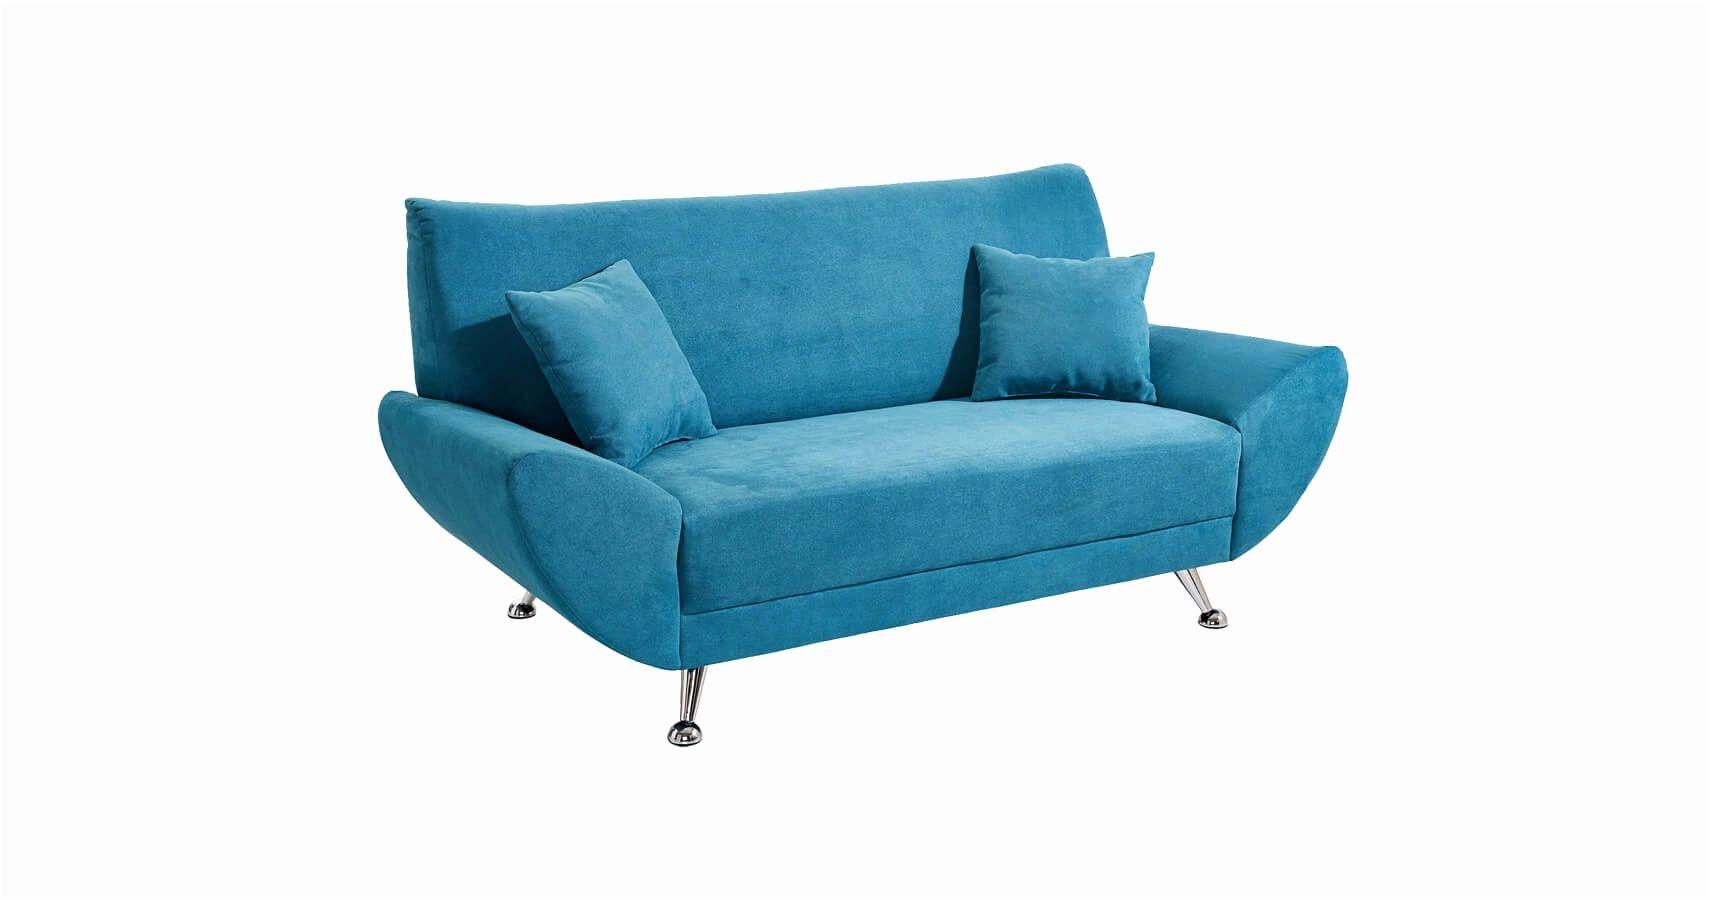 Full Size of 13 Sofa Sitzhhe 55 Cm Neu Flexform Mondo Polsterreiniger Aus Matratzen Inhofer Billig L Mit Schlaffunktion Xxl U Form Federkern Schillig Stilecht Leinen Sofa Sofa Sitzhöhe 55 Cm